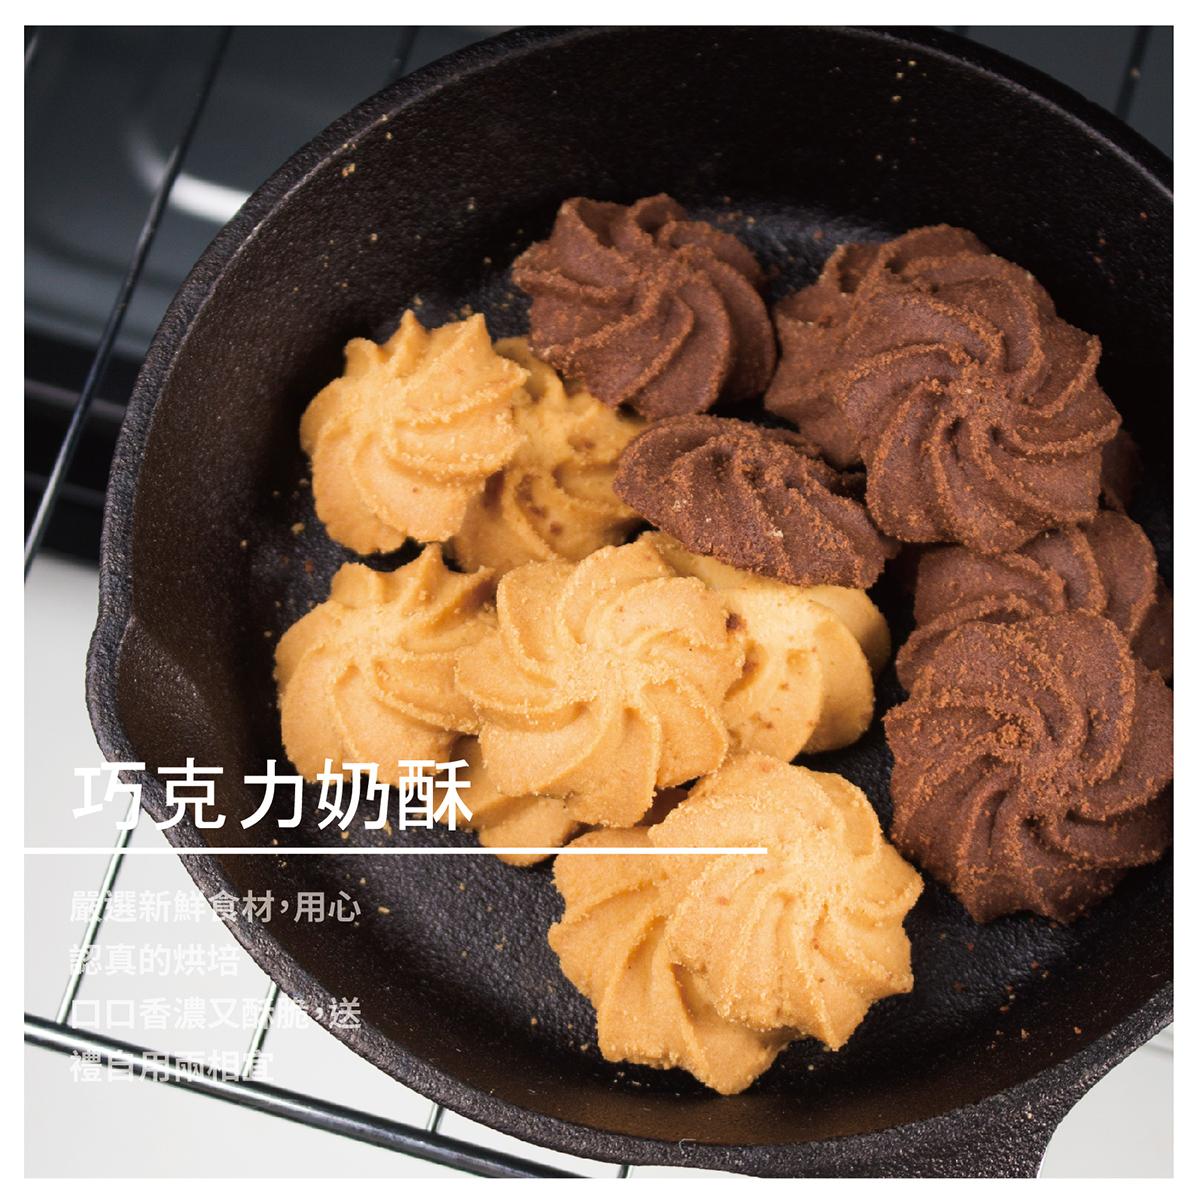 【弘家馨食品】巧克力奶酥(奶蛋素)180g/包